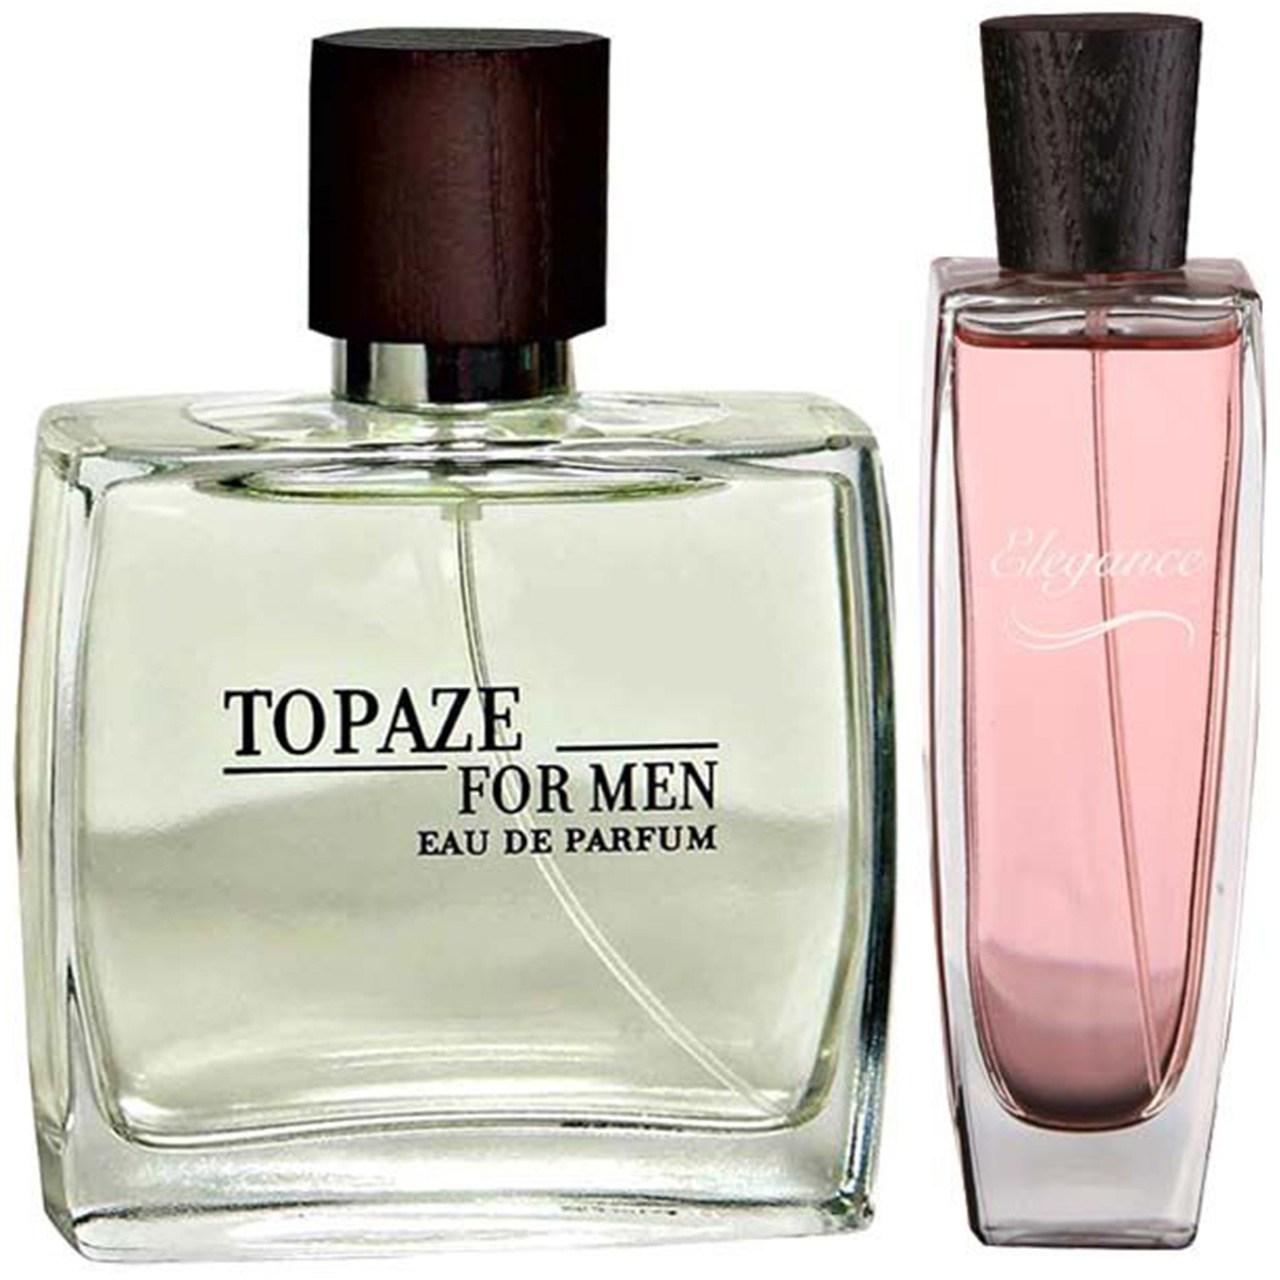 ست ادوپرفیوم مردانه استاویتا مدل Topaze حجم 100 میلی لیتر